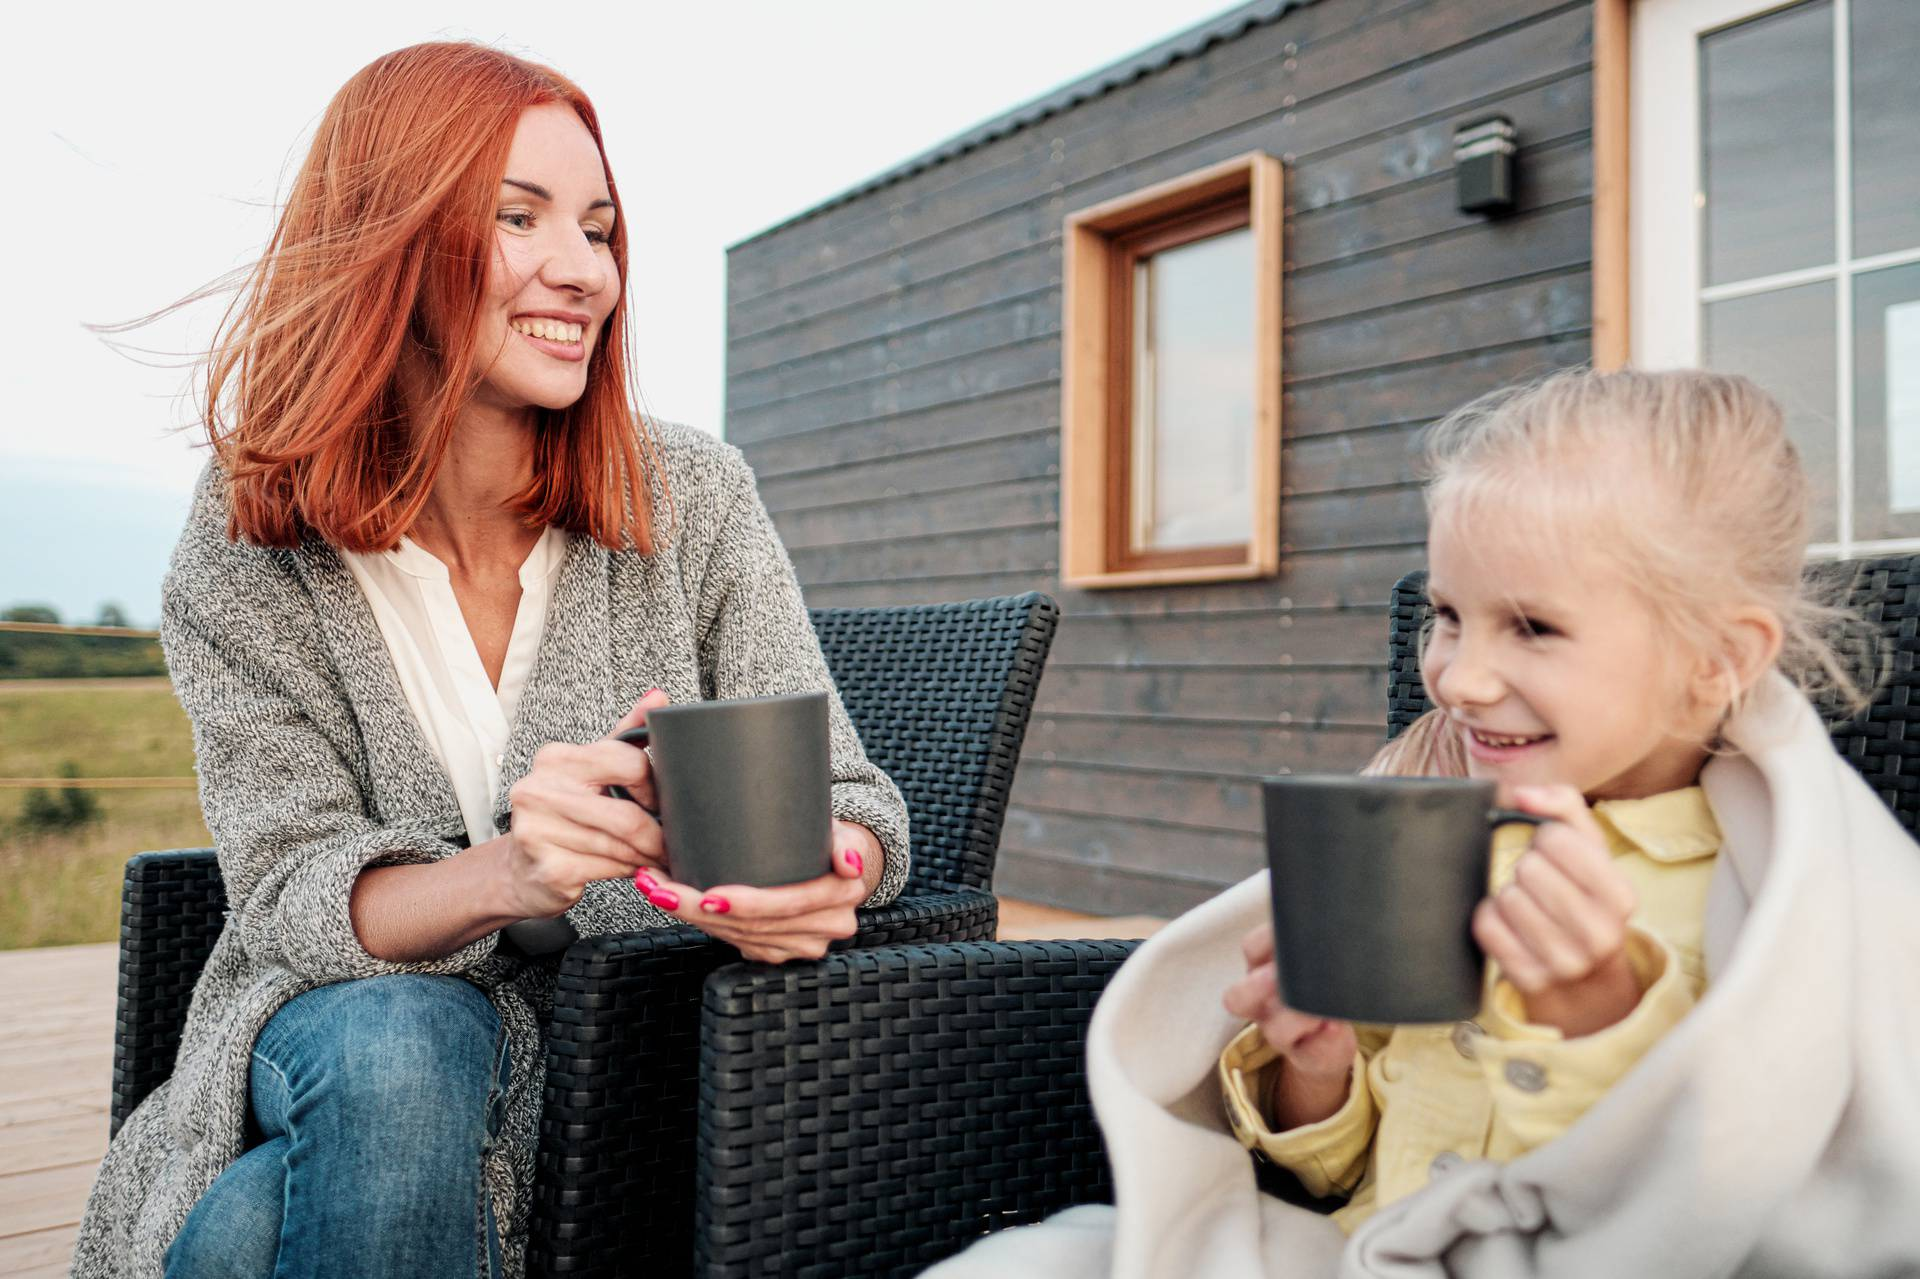 Mamina škola: Domaćinstvo - kako mami napraviti kavu, a zemljopis - vrati sve na mjesto!